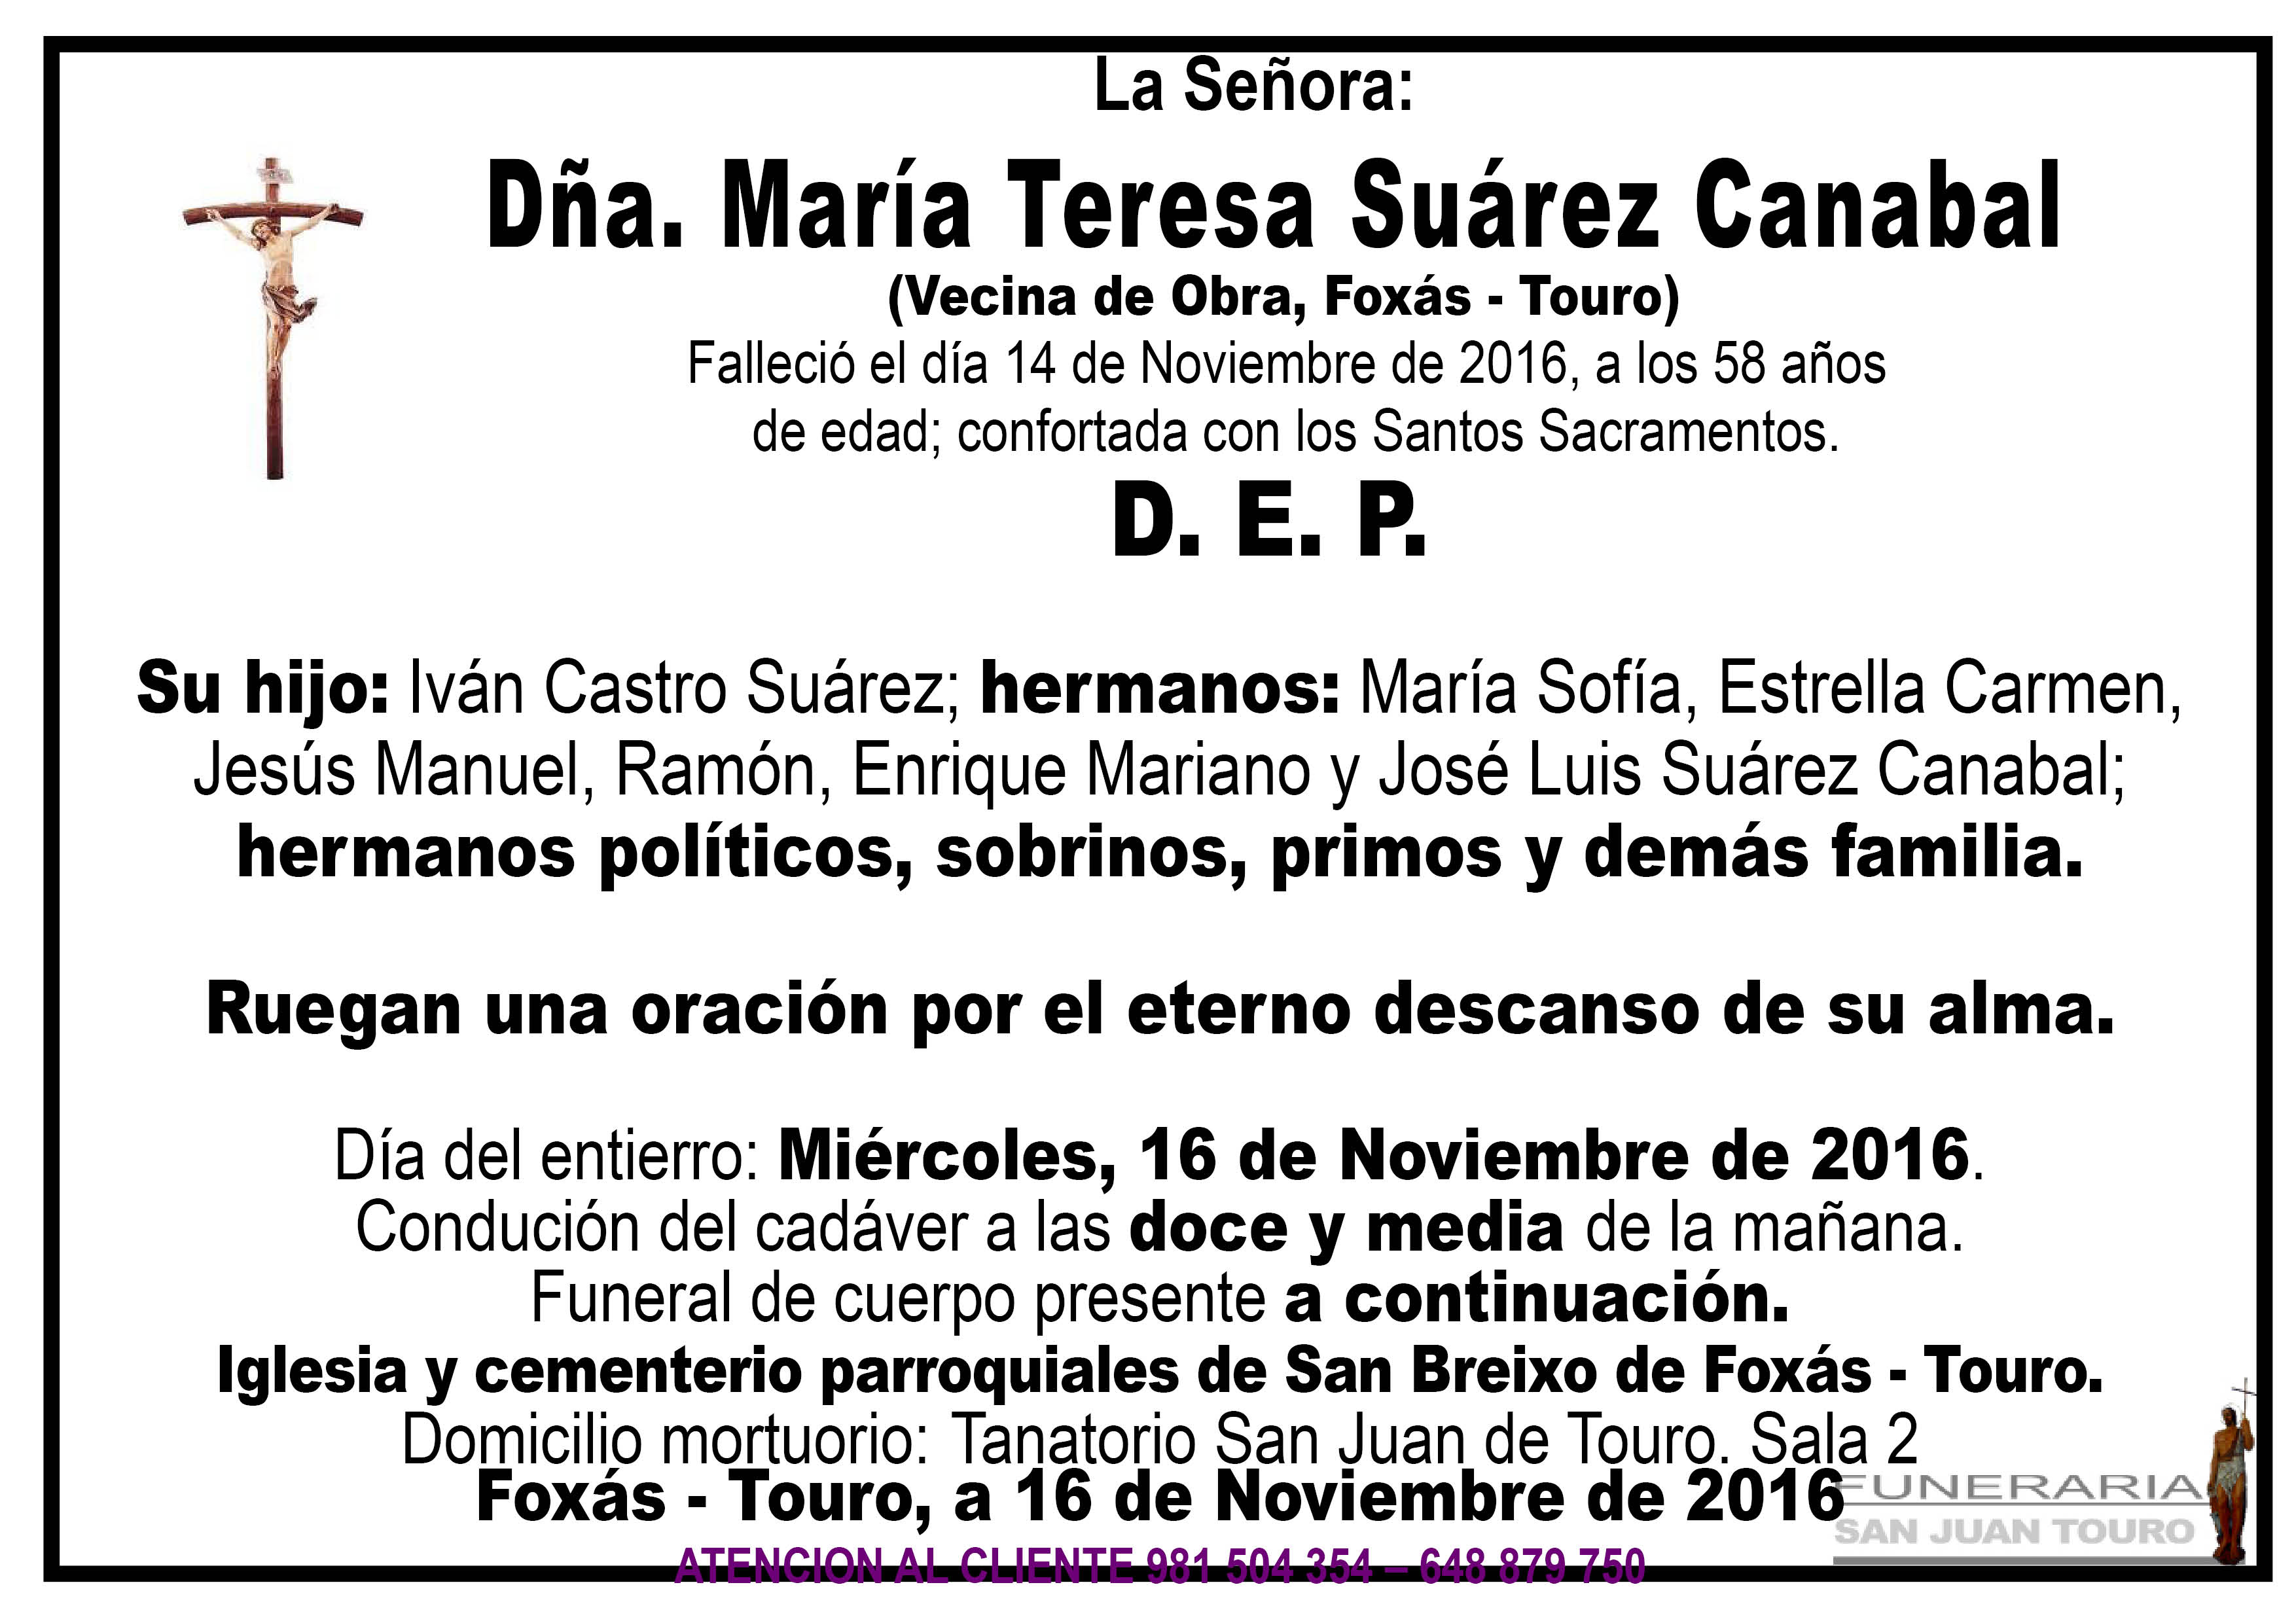 Esquela de SEPELIO DÑA MARÍA TERESA SUÁREZ CANABAL